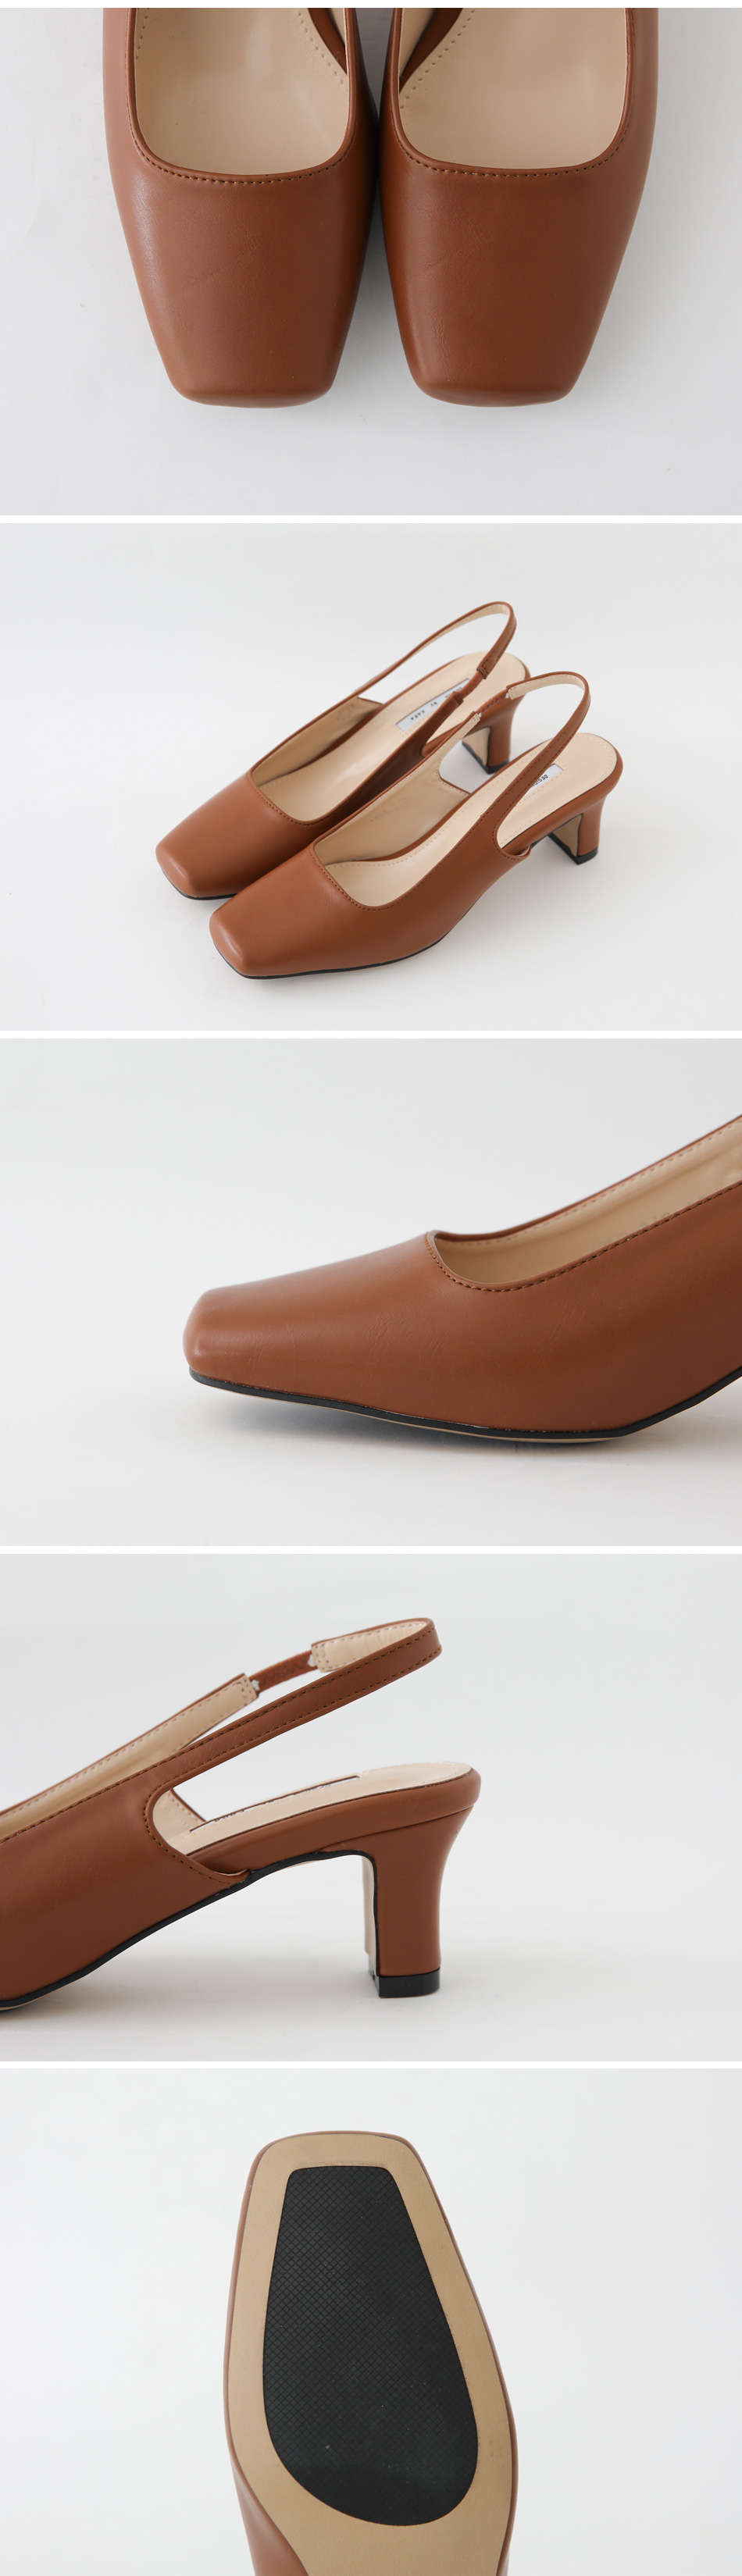 Keloth Slingback Middle Heel Pumps 6cm